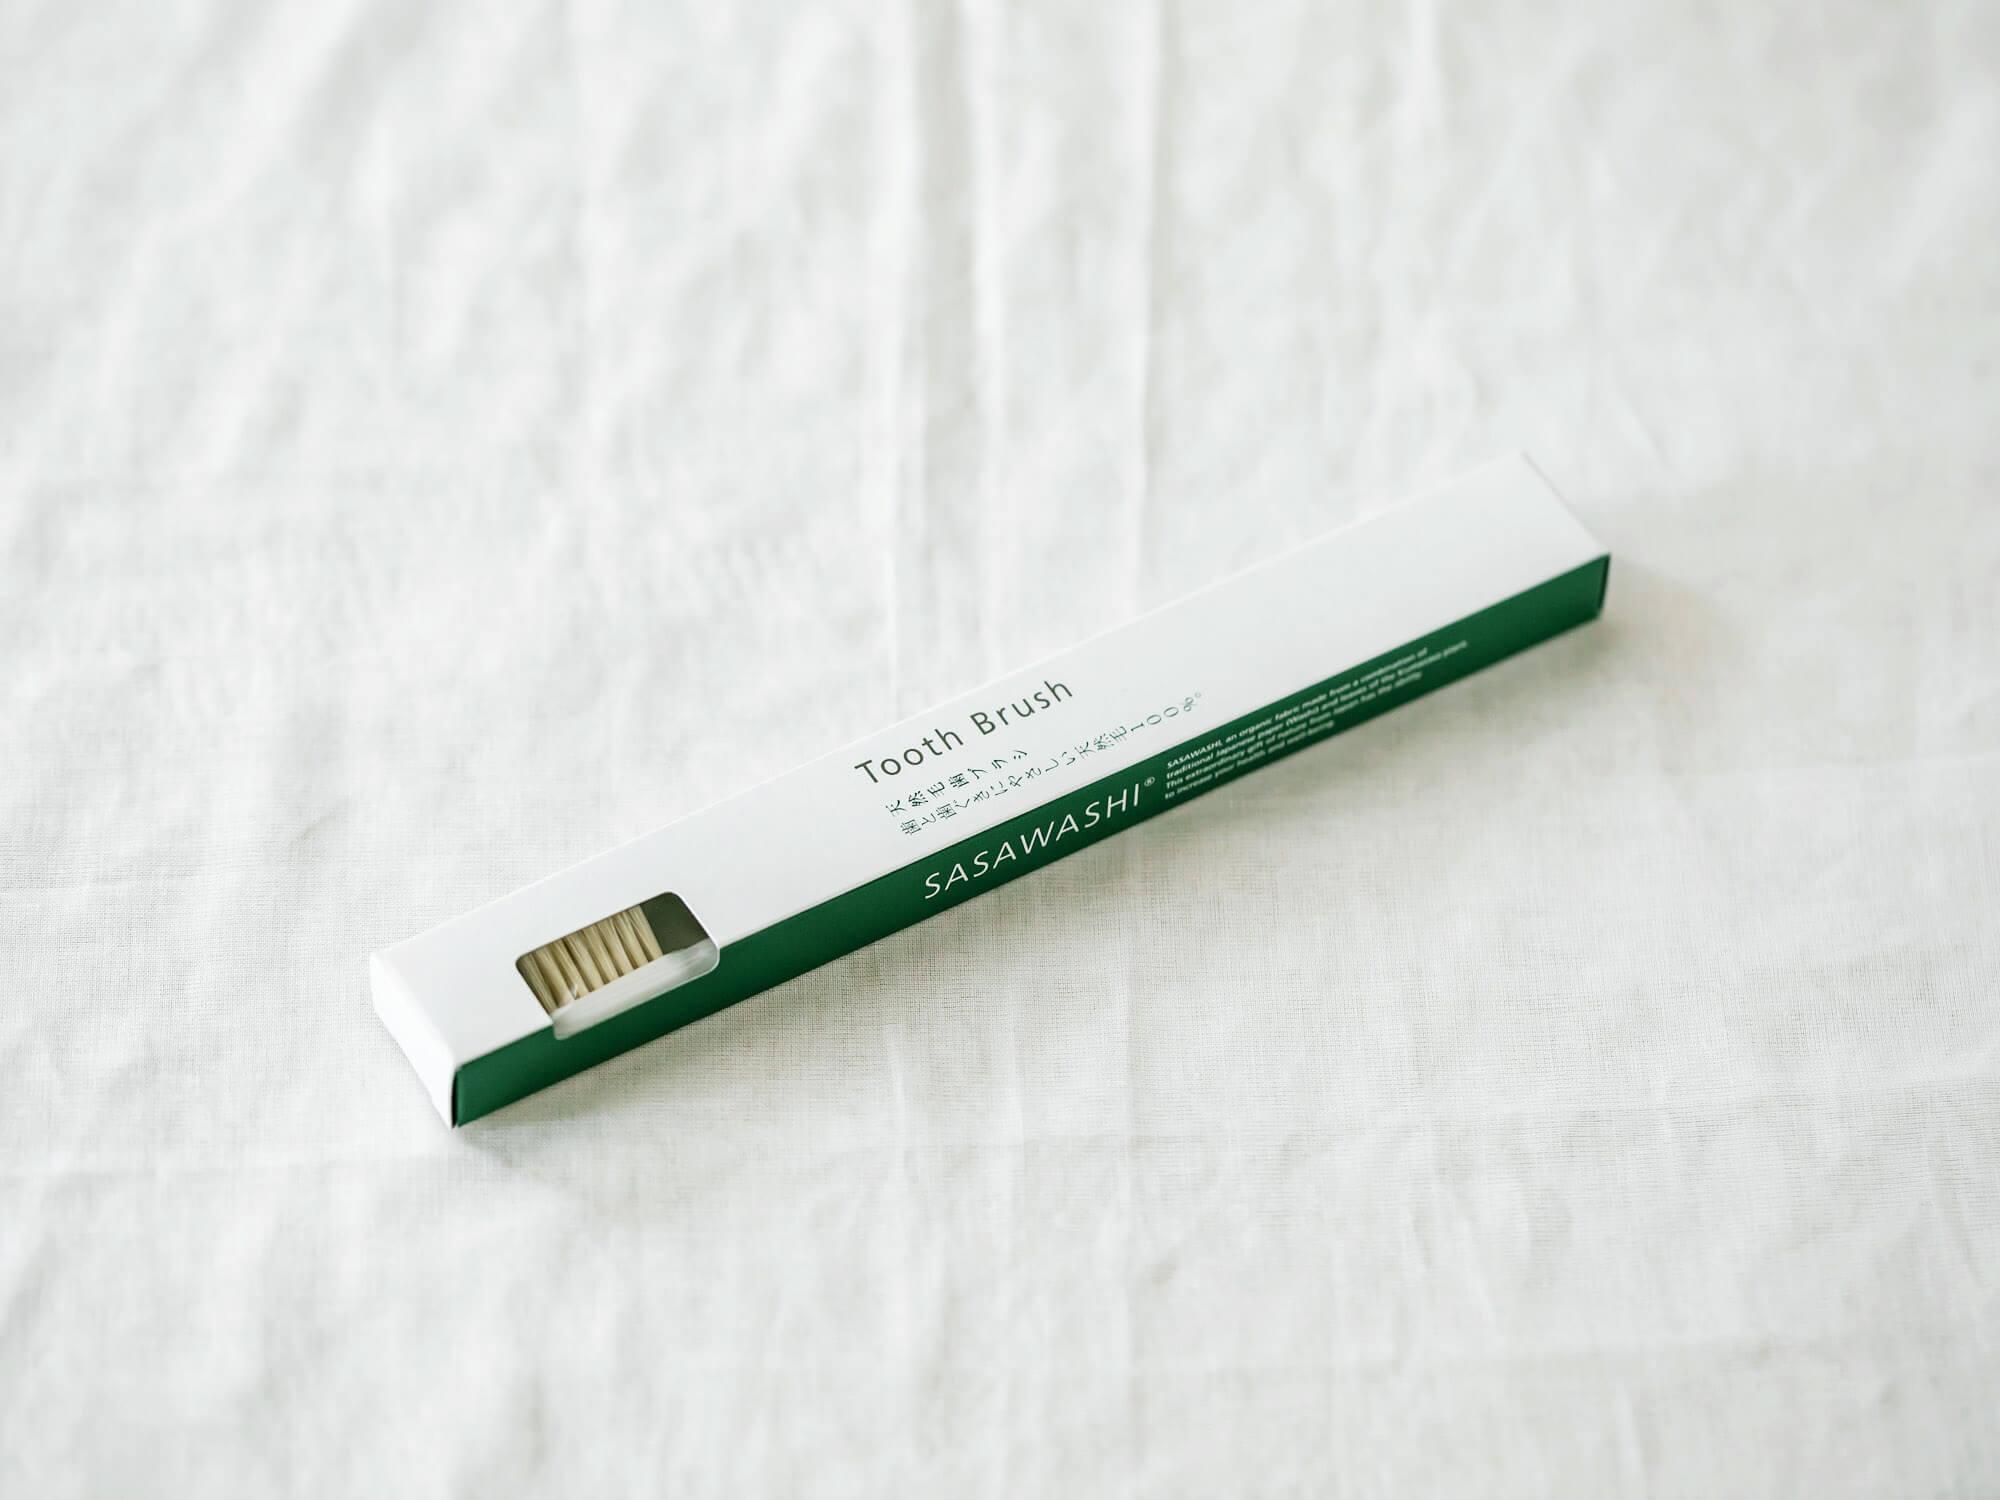 SASAWASHI 天然豚毛歯ブラシ (ふつう)